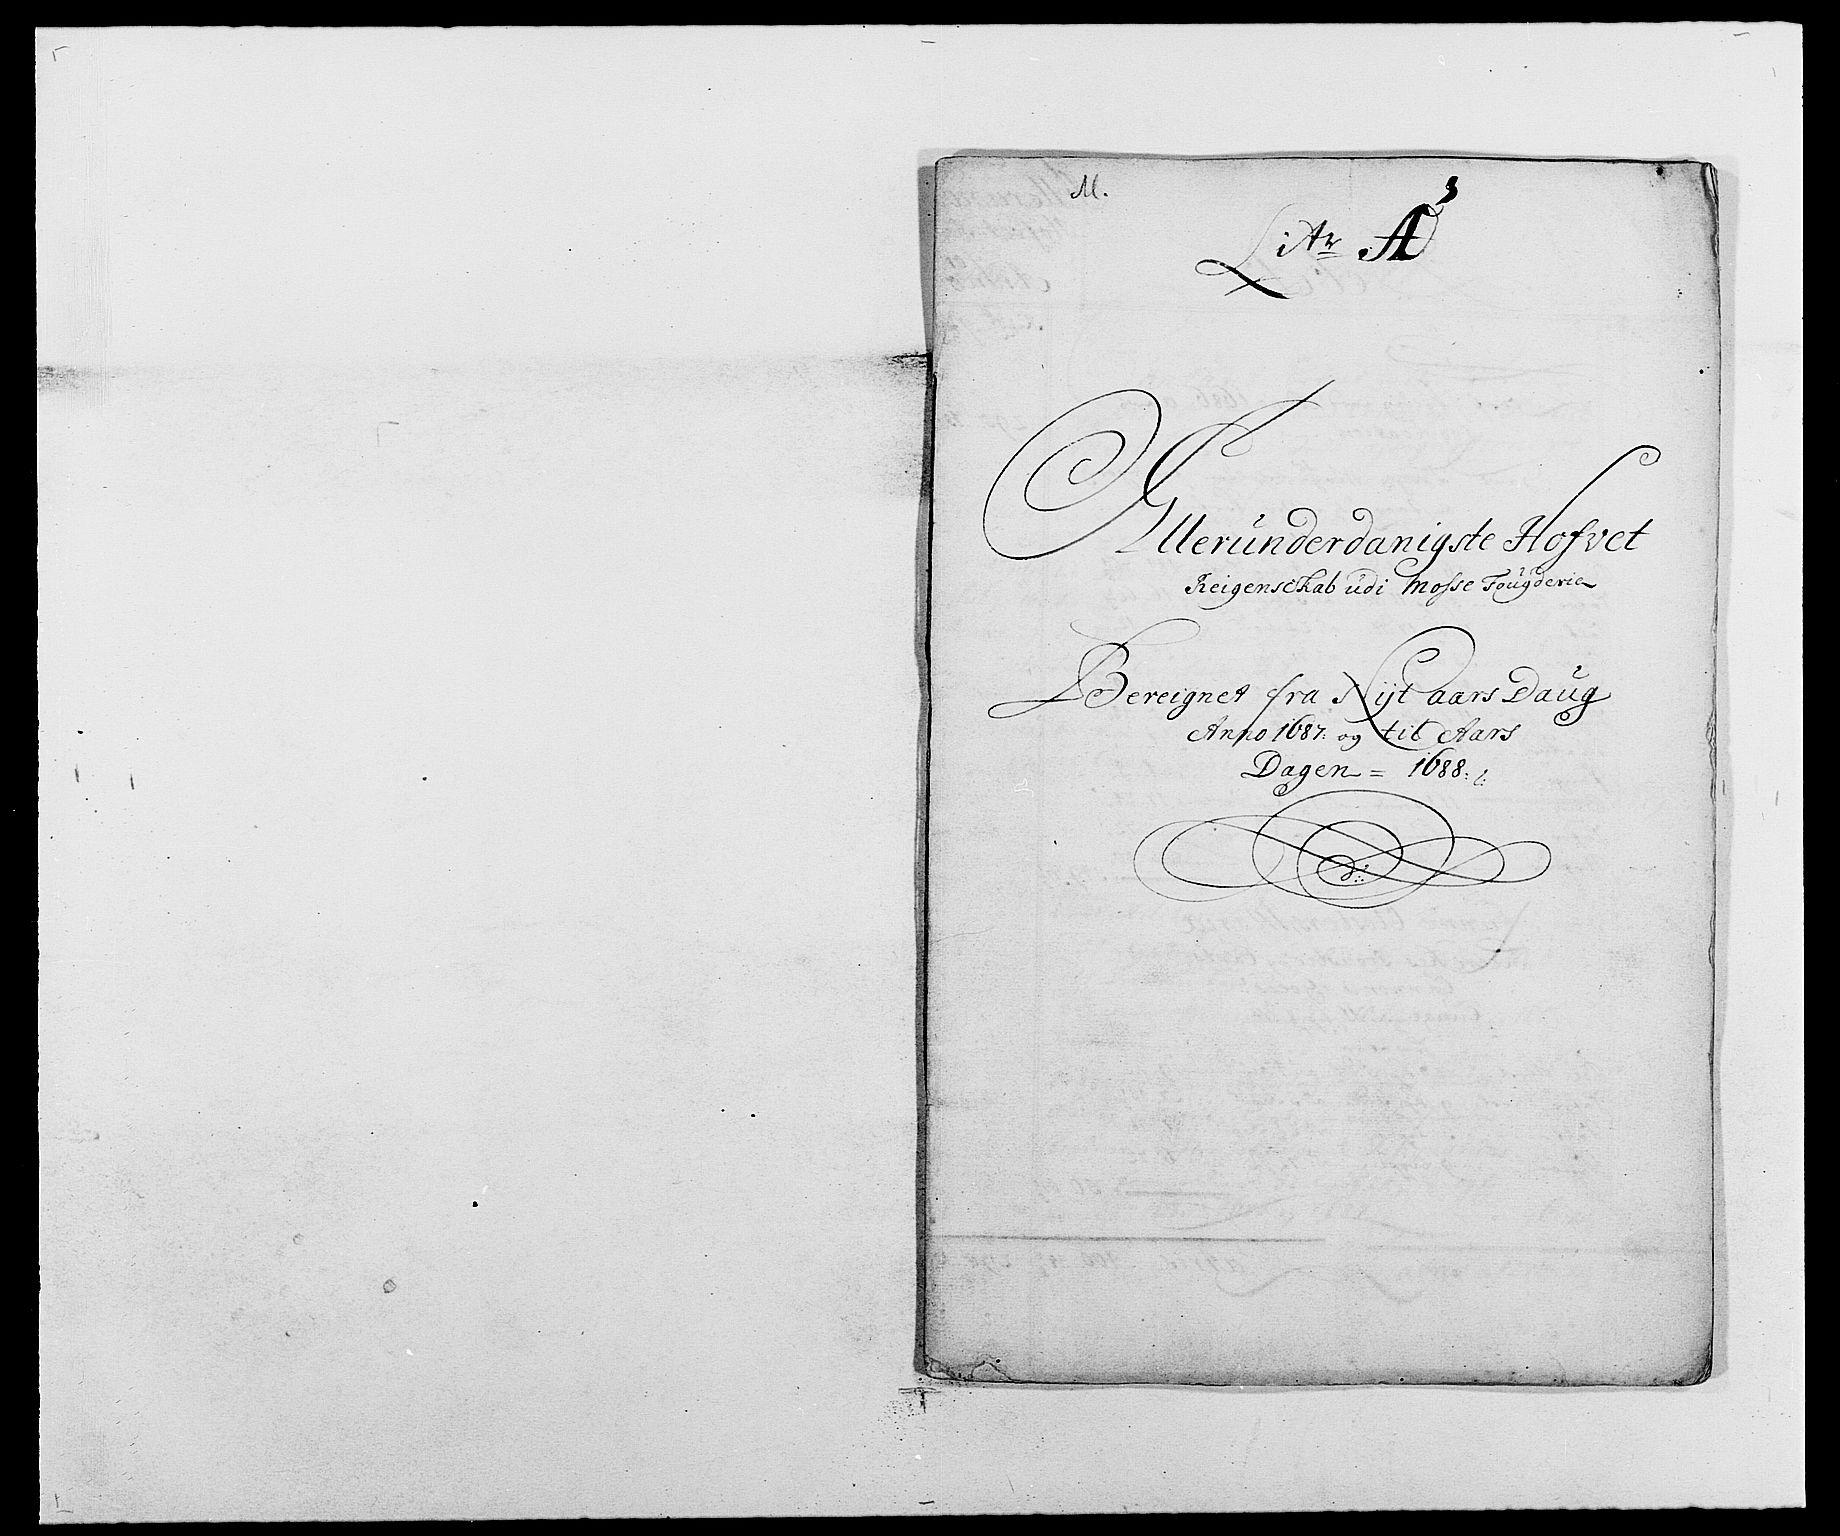 RA, Rentekammeret inntil 1814, Reviderte regnskaper, Fogderegnskap, R02/L0105: Fogderegnskap Moss og Verne kloster, 1685-1687, s. 263